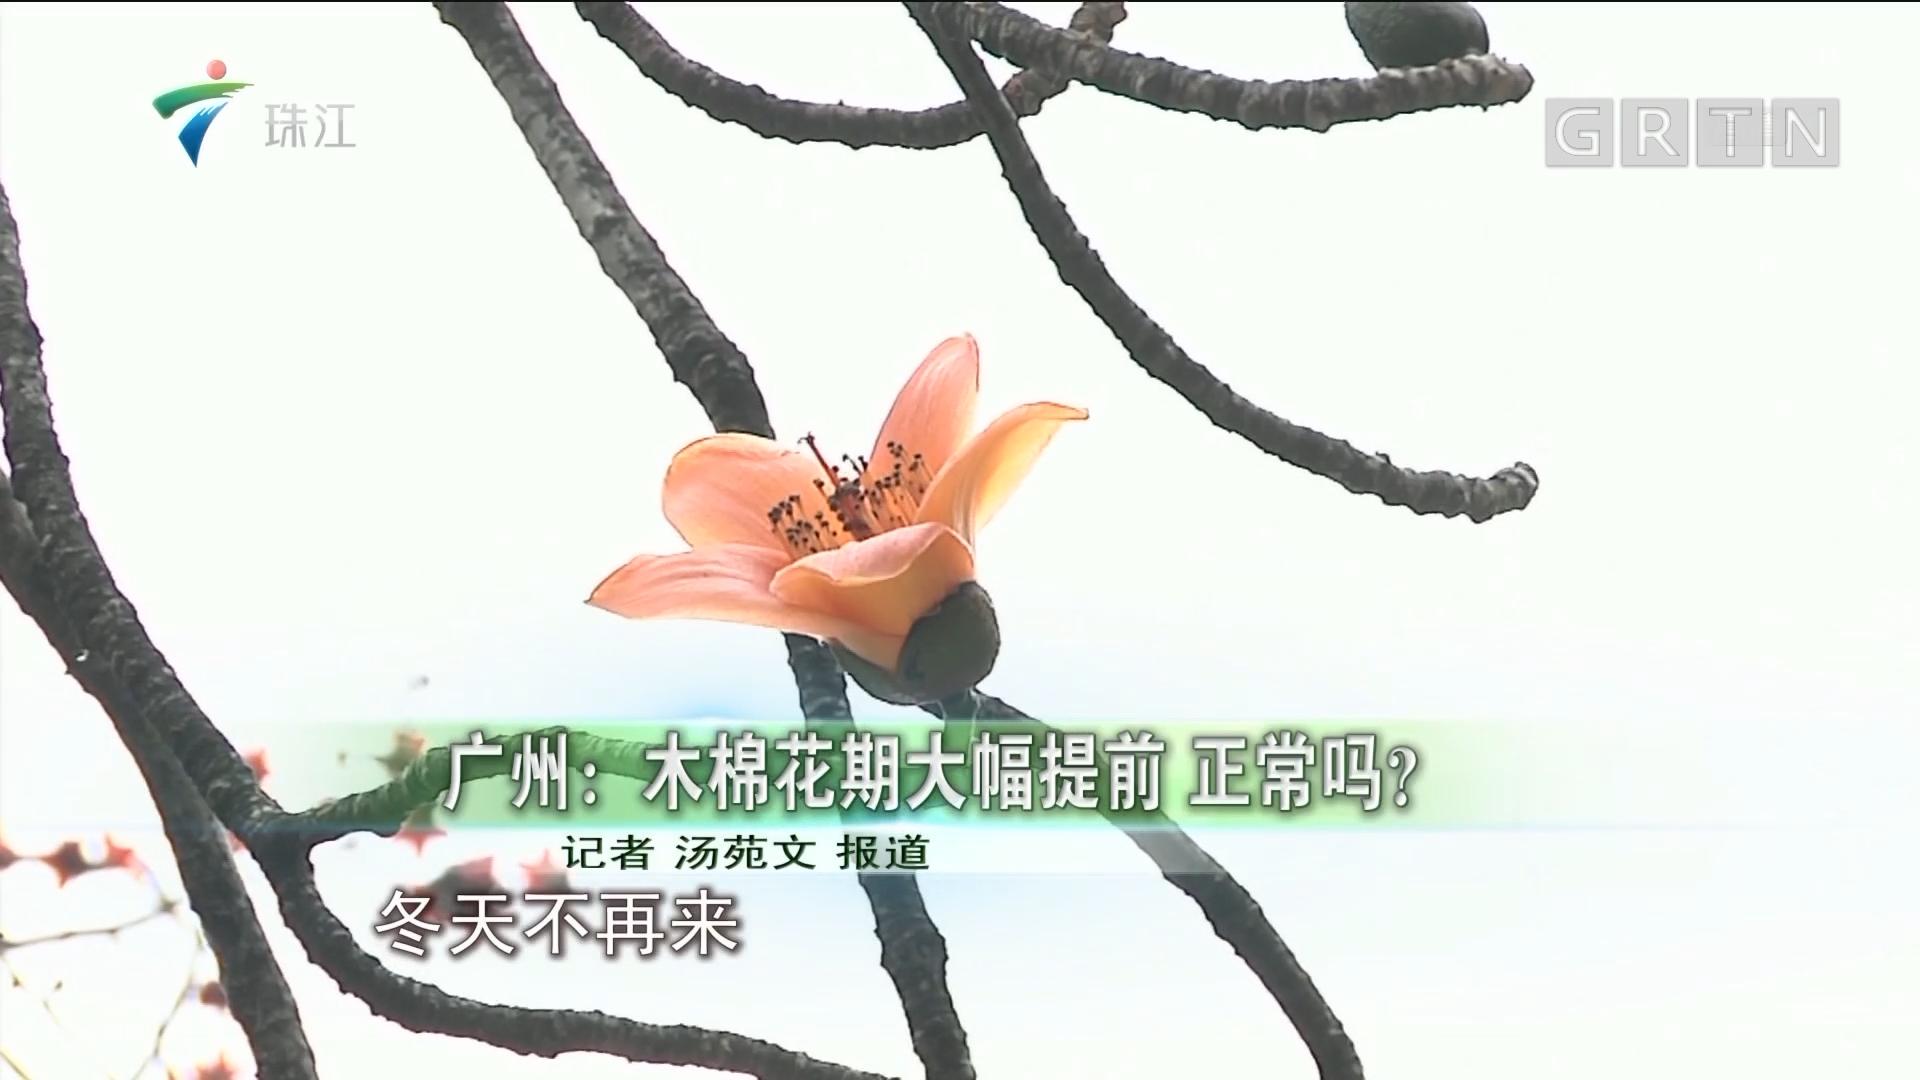 广州:木棉花期大幅提前 正常吗?